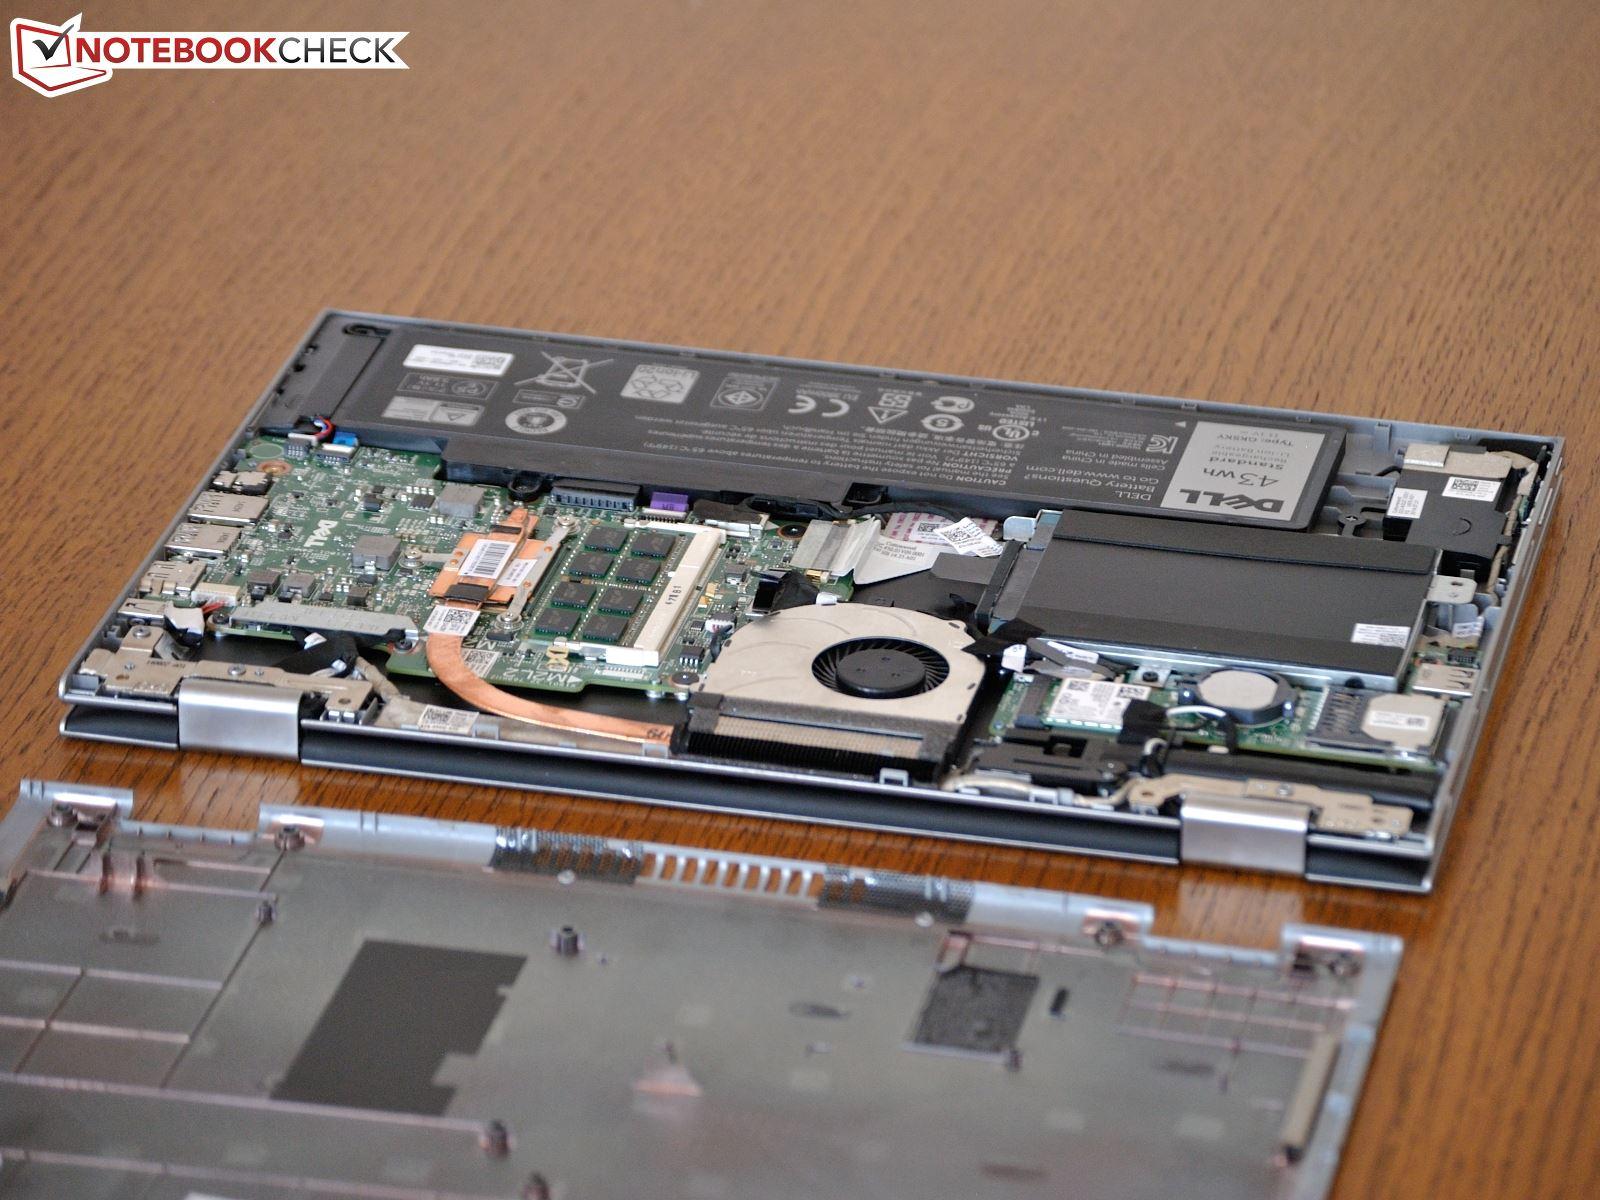 Amd ryzen threadripper 1950x review toms hardware